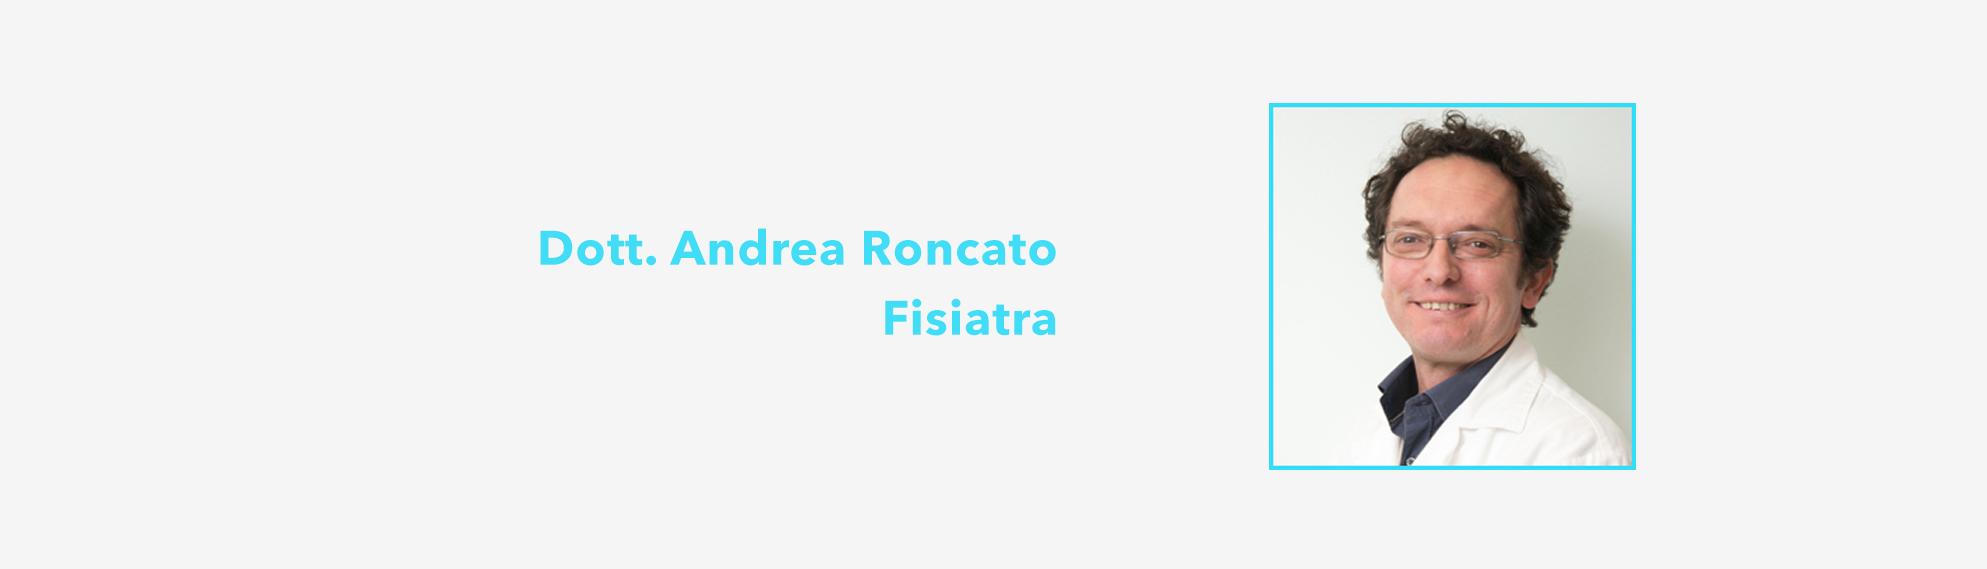 Dott. Andrea Roncato Fisiatra , Specialista nelle patologie della colonna vertebrale